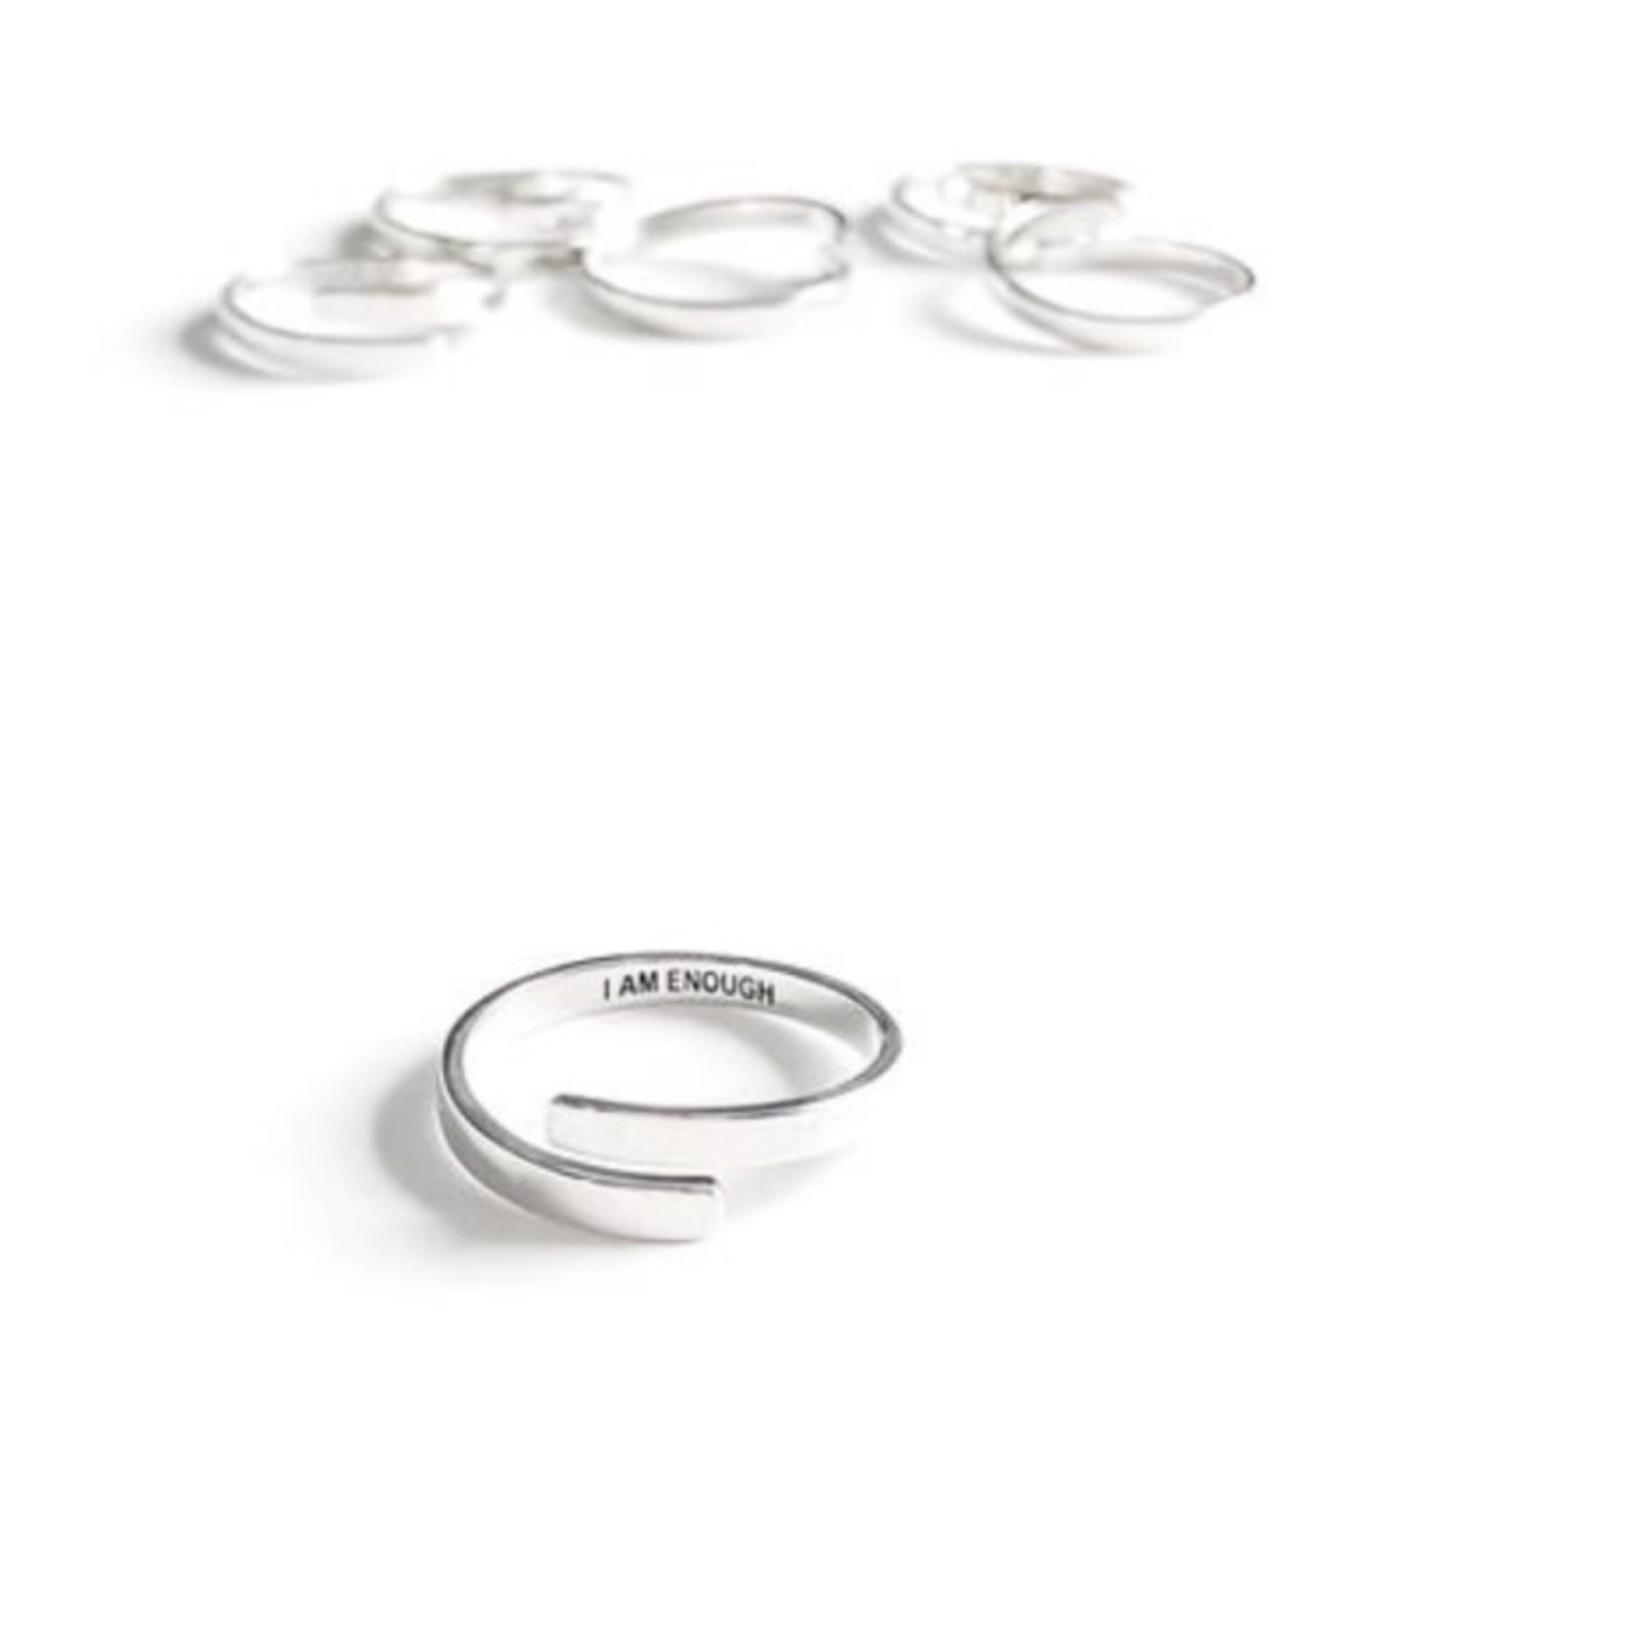 Glass House Goods GHG Ring